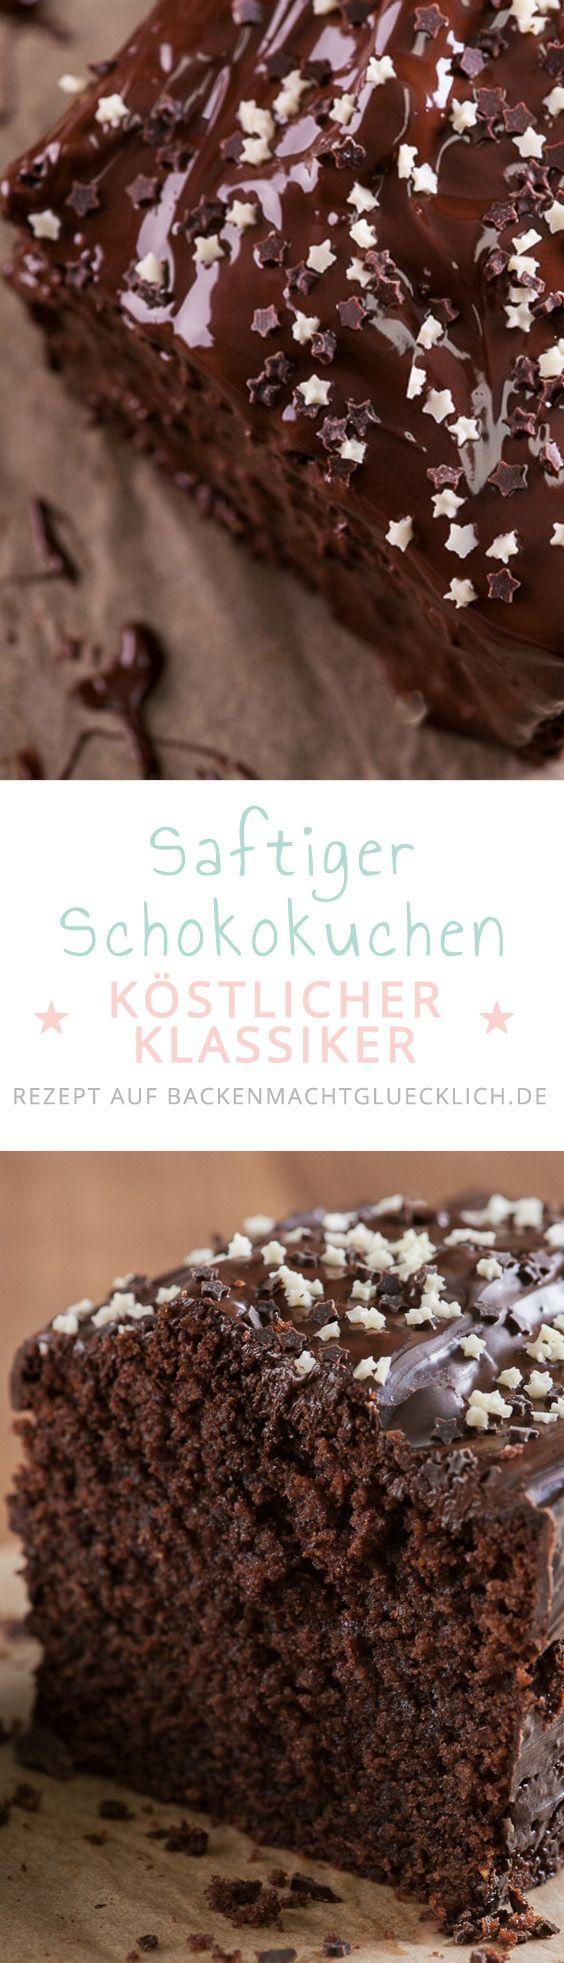 Dieser klassische Schokoladenkuchen passt immer - auf Kindergeburtstagen, Partys und für Buffets. Das einfache Schokokuchen-Rezept enthält gemahlene Mandeln und doppelt Schokolade - so wird der Kuchen richtig schön feucht und superschokoladig! | www.backe (Muffin Schokolade)